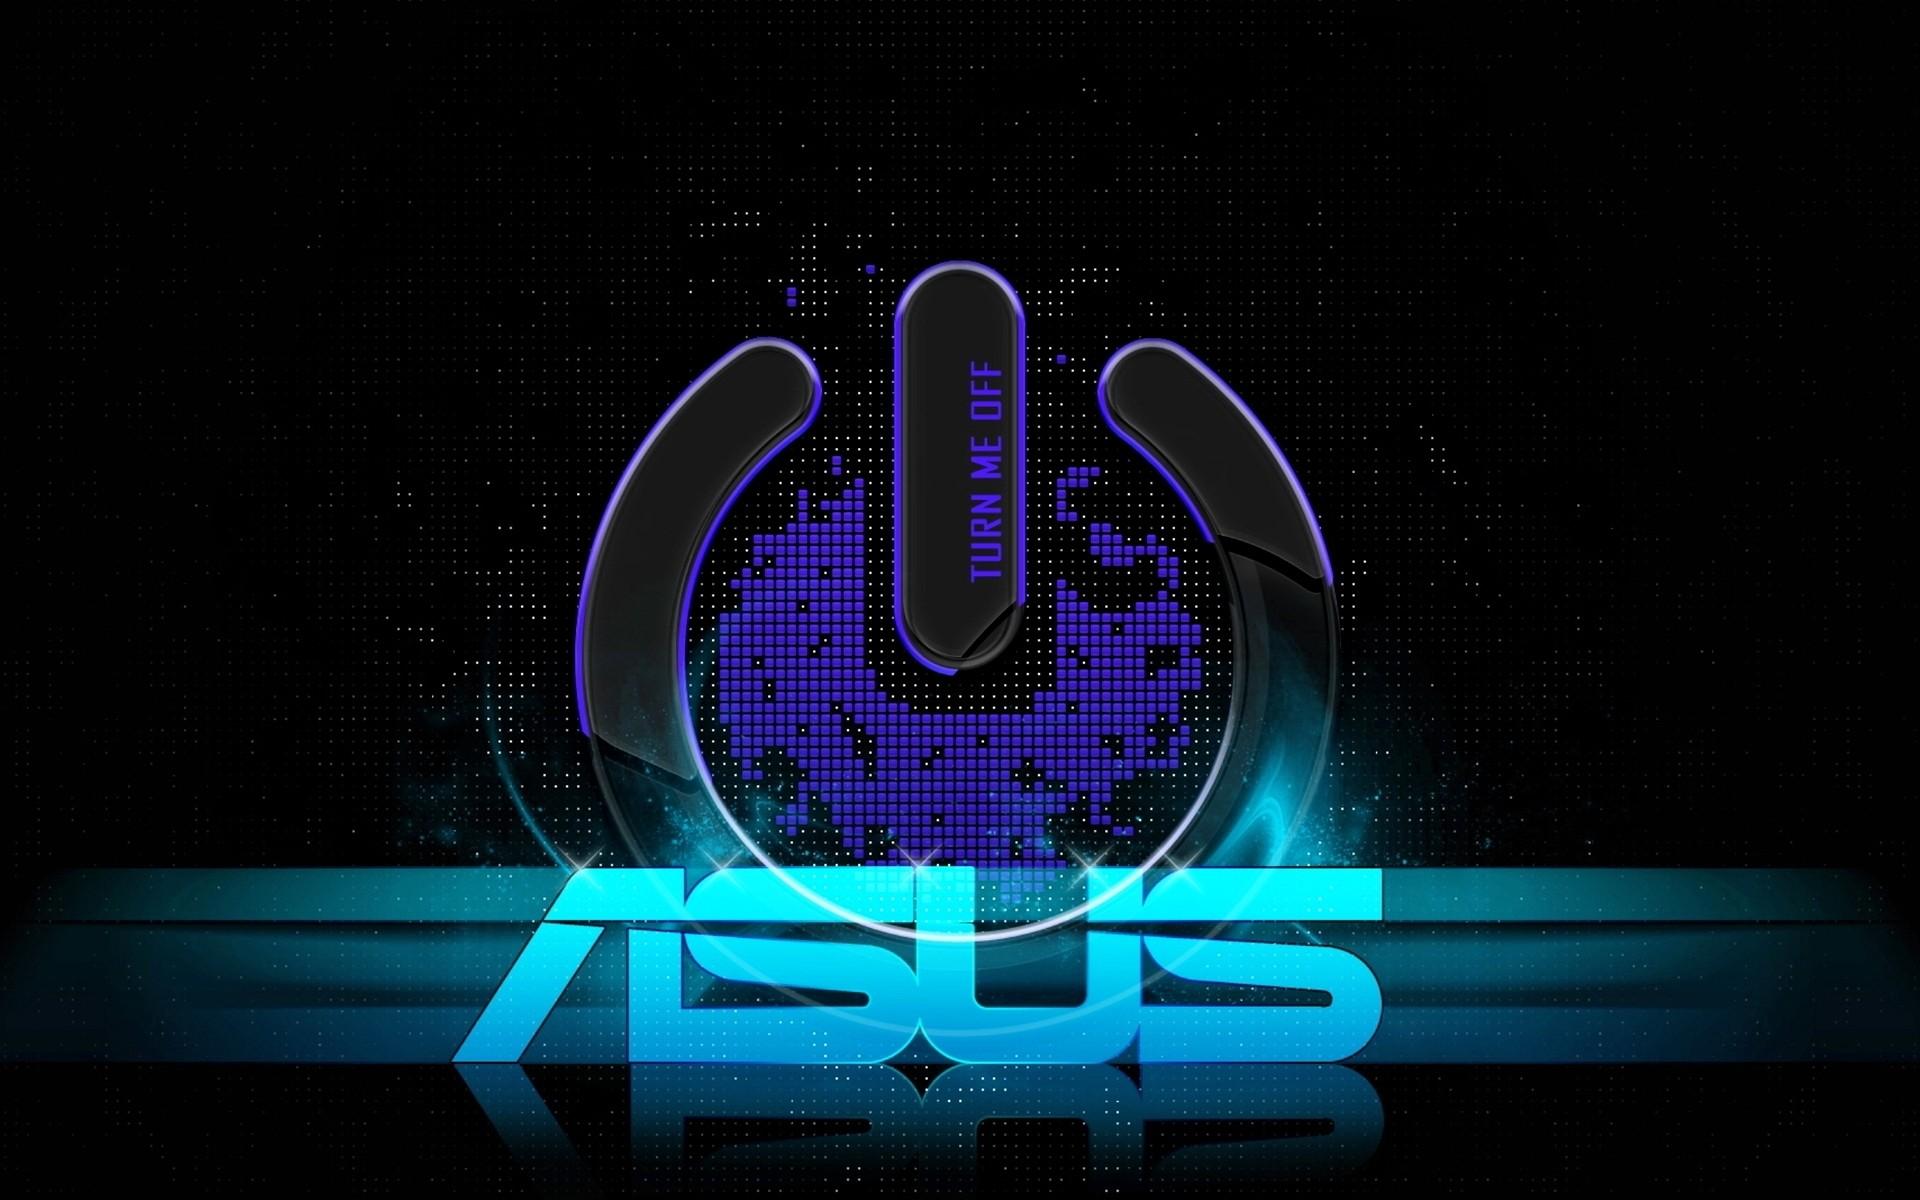 Asus Turn Off wallpaper,asus logo HD wallpaper,asus tech HD .